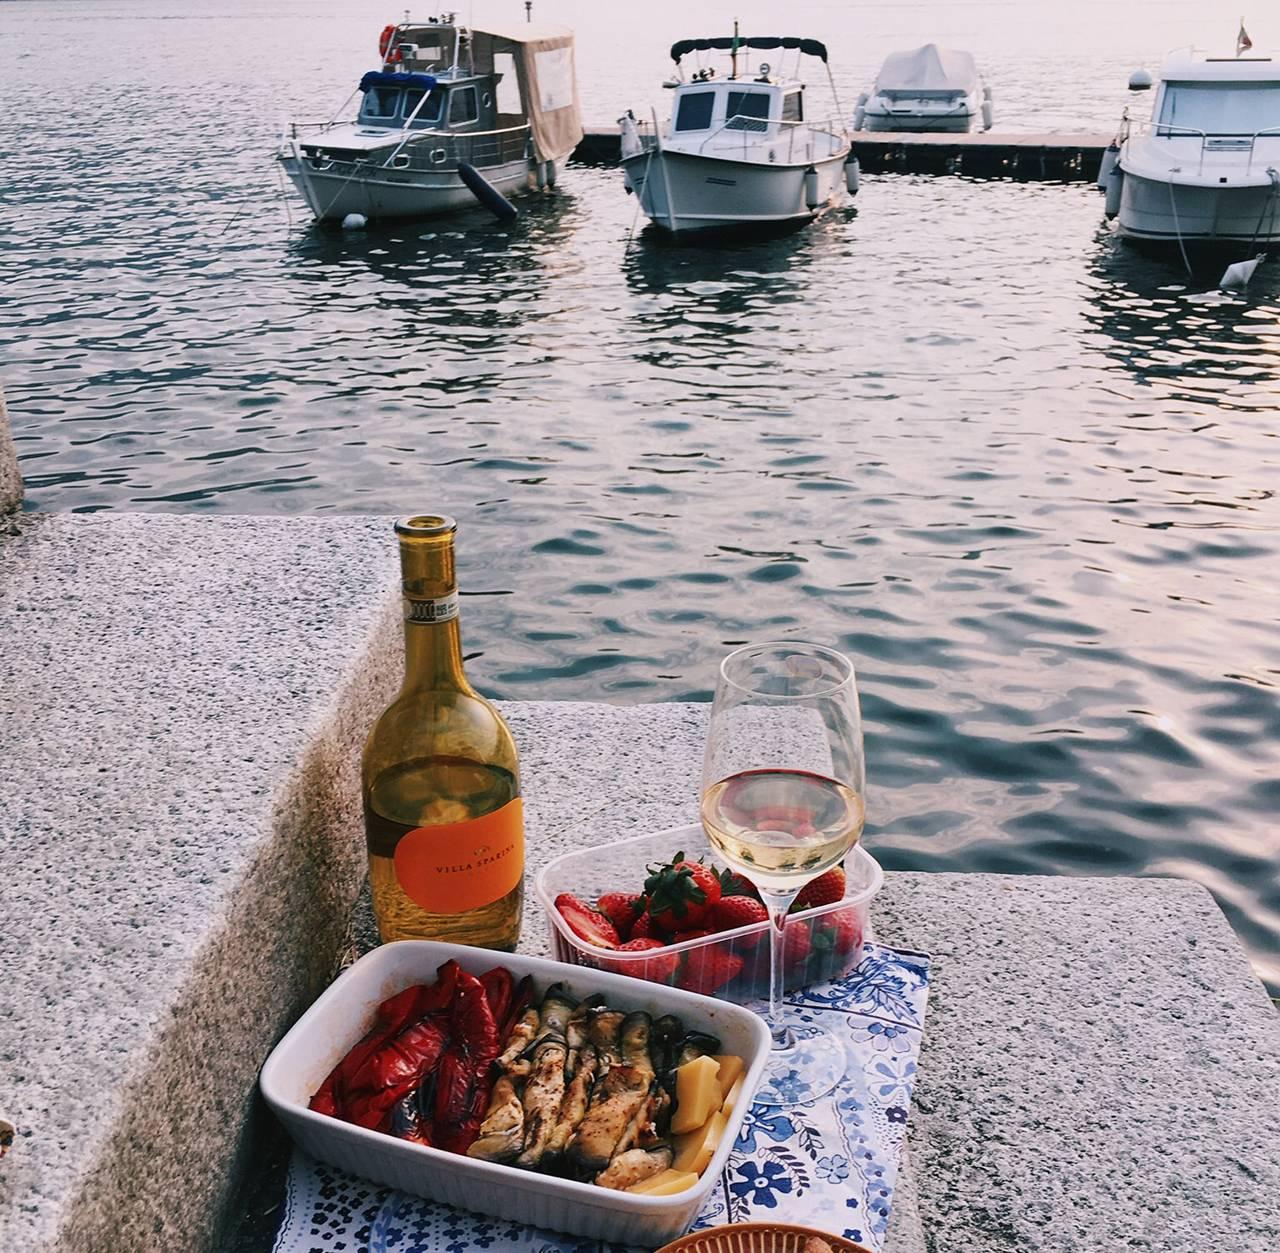 Цены на вино и алкоголь в Италии